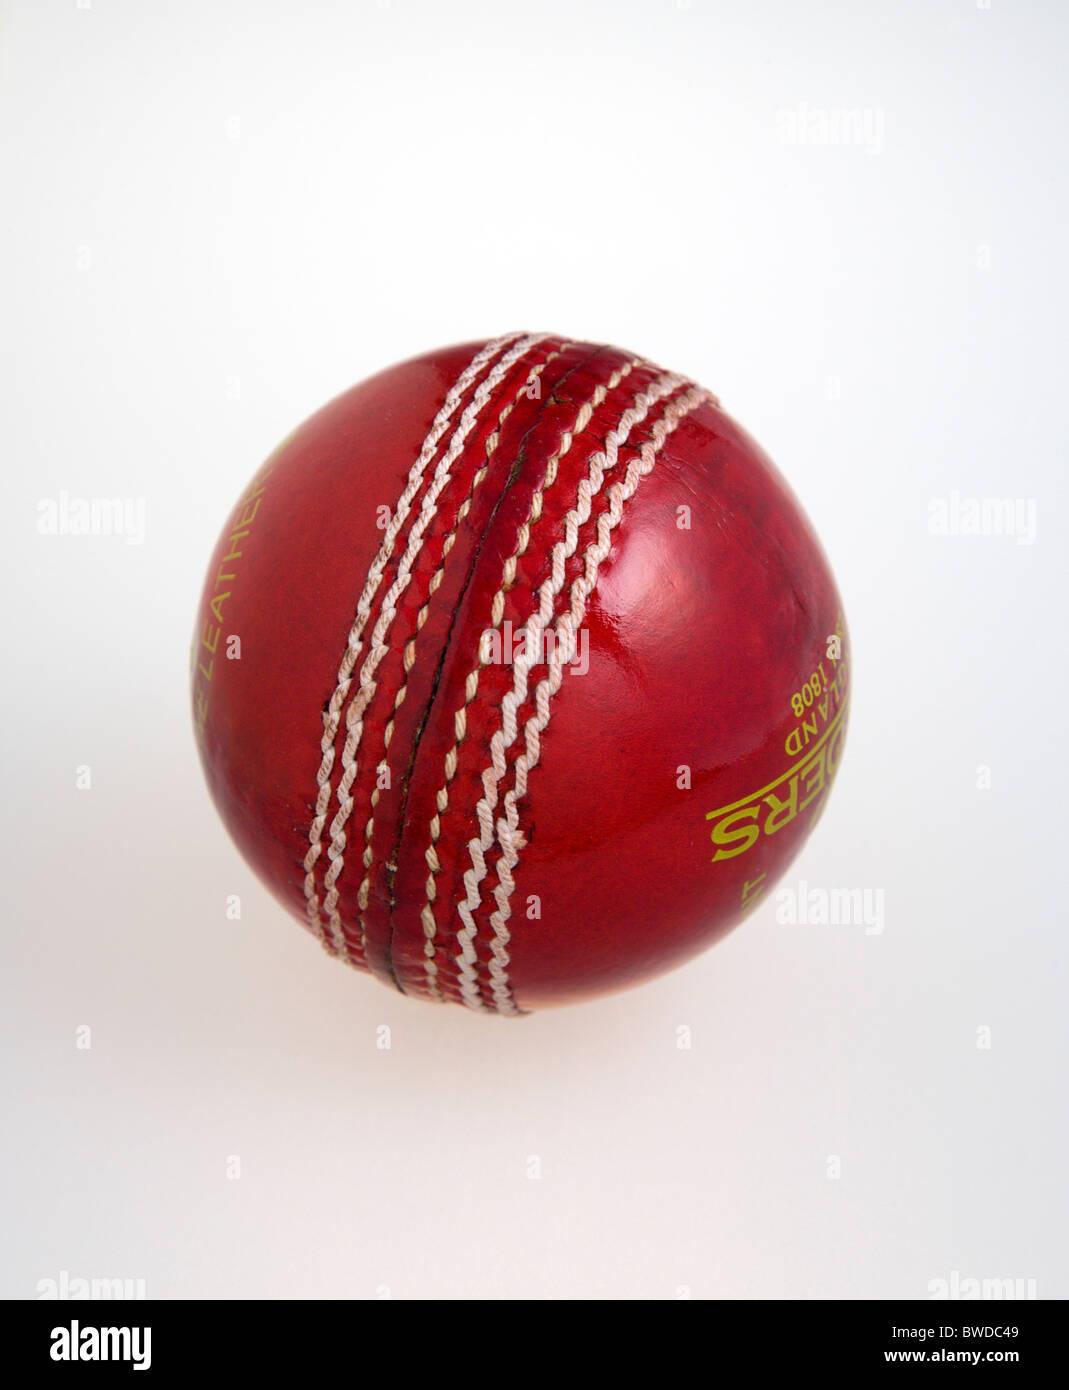 Deportes, juegos de pelota, Cricket, rojo cuero cosido mano cricket ball sobre un fondo blanco. Imagen De Stock